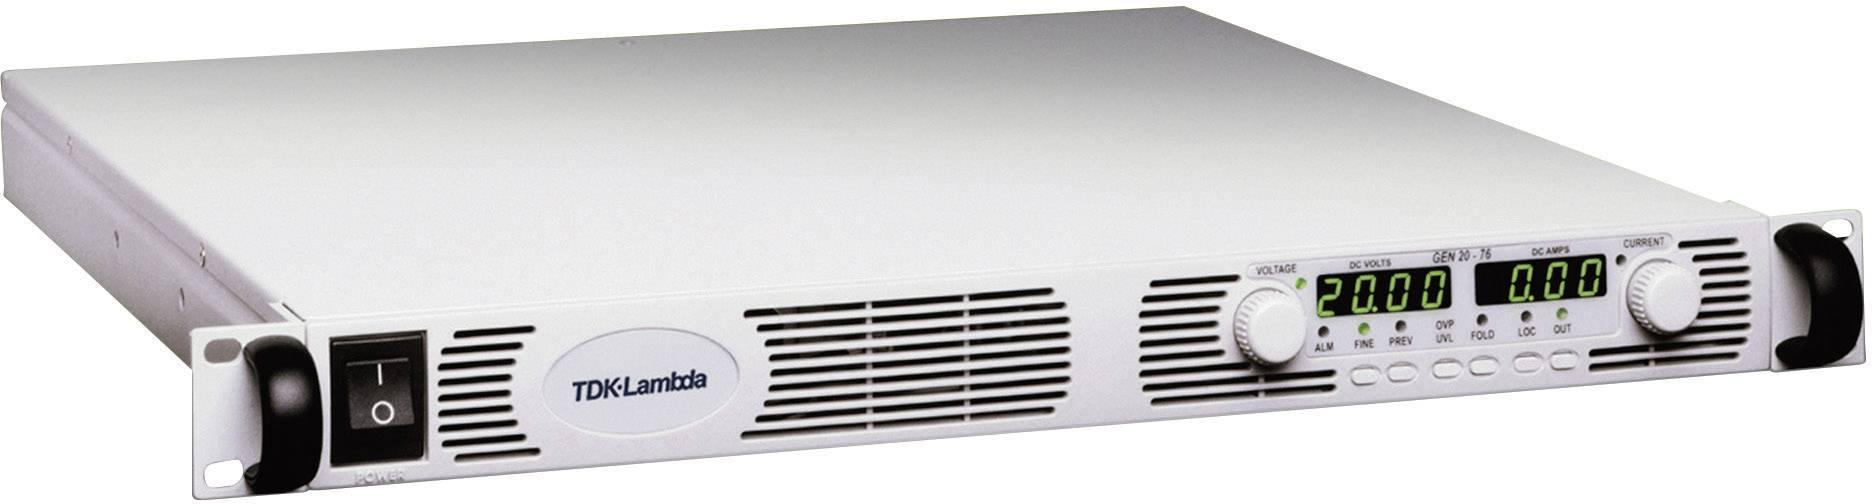 """Nastavitelný laboratorní zdroj TDK-Lambda GEN-100-15, 19"""", 0 - 100 V/DC, 0 - 15 A"""